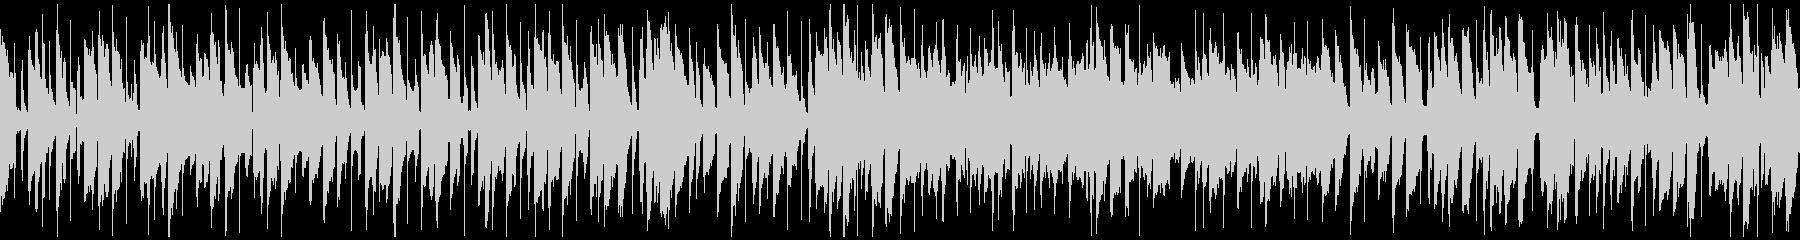 ほのぼのリコーダー ※ループ仕様版の未再生の波形